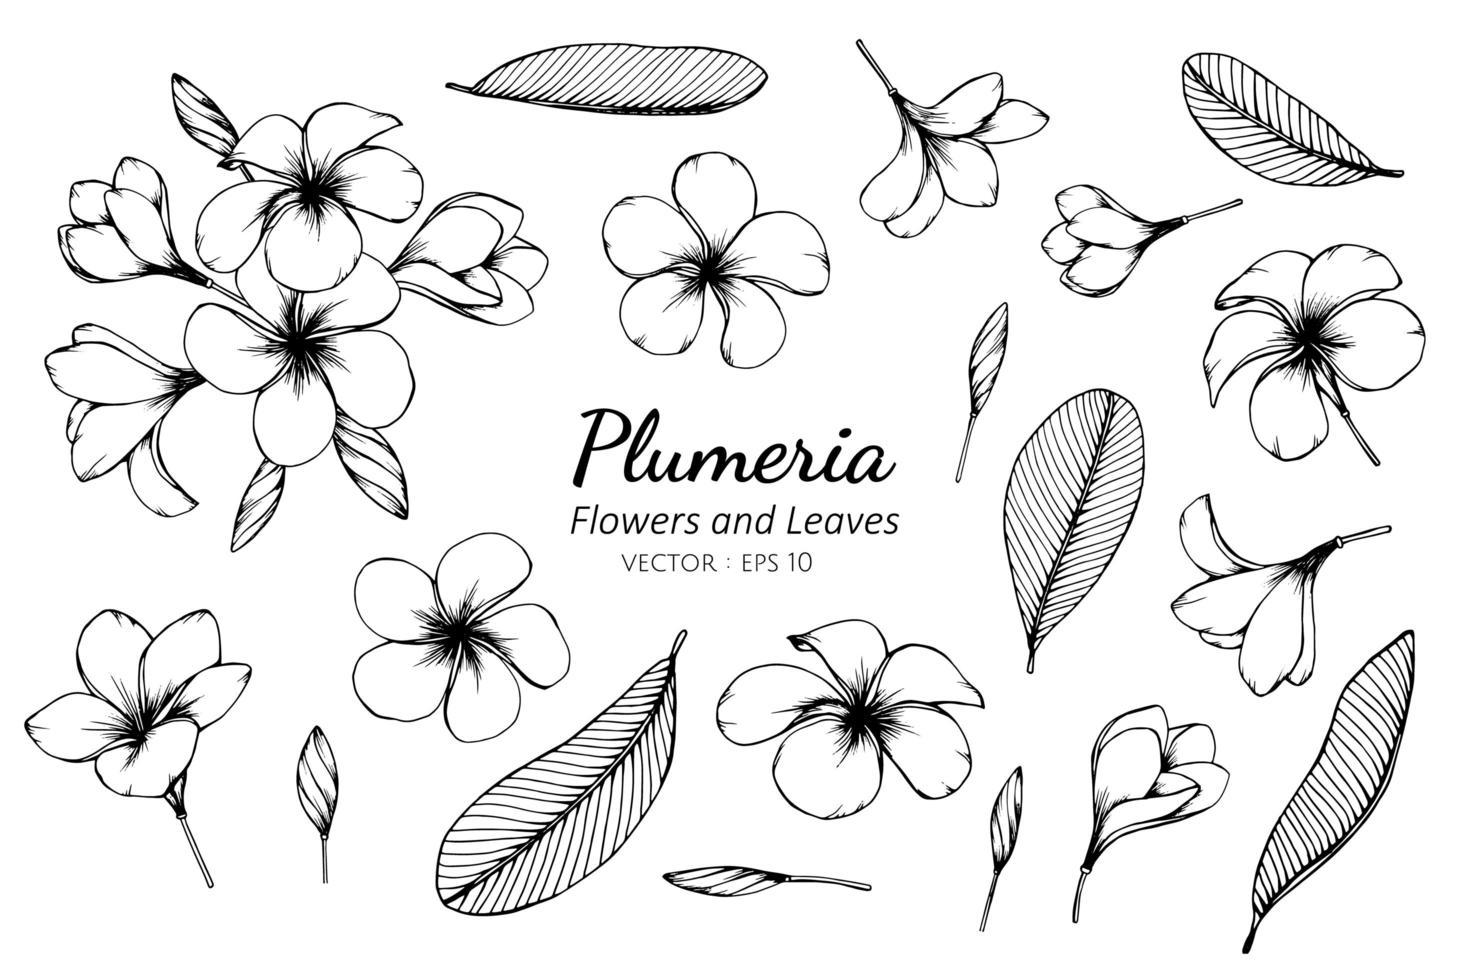 raccolta di fiori e foglie di plumeria vettore